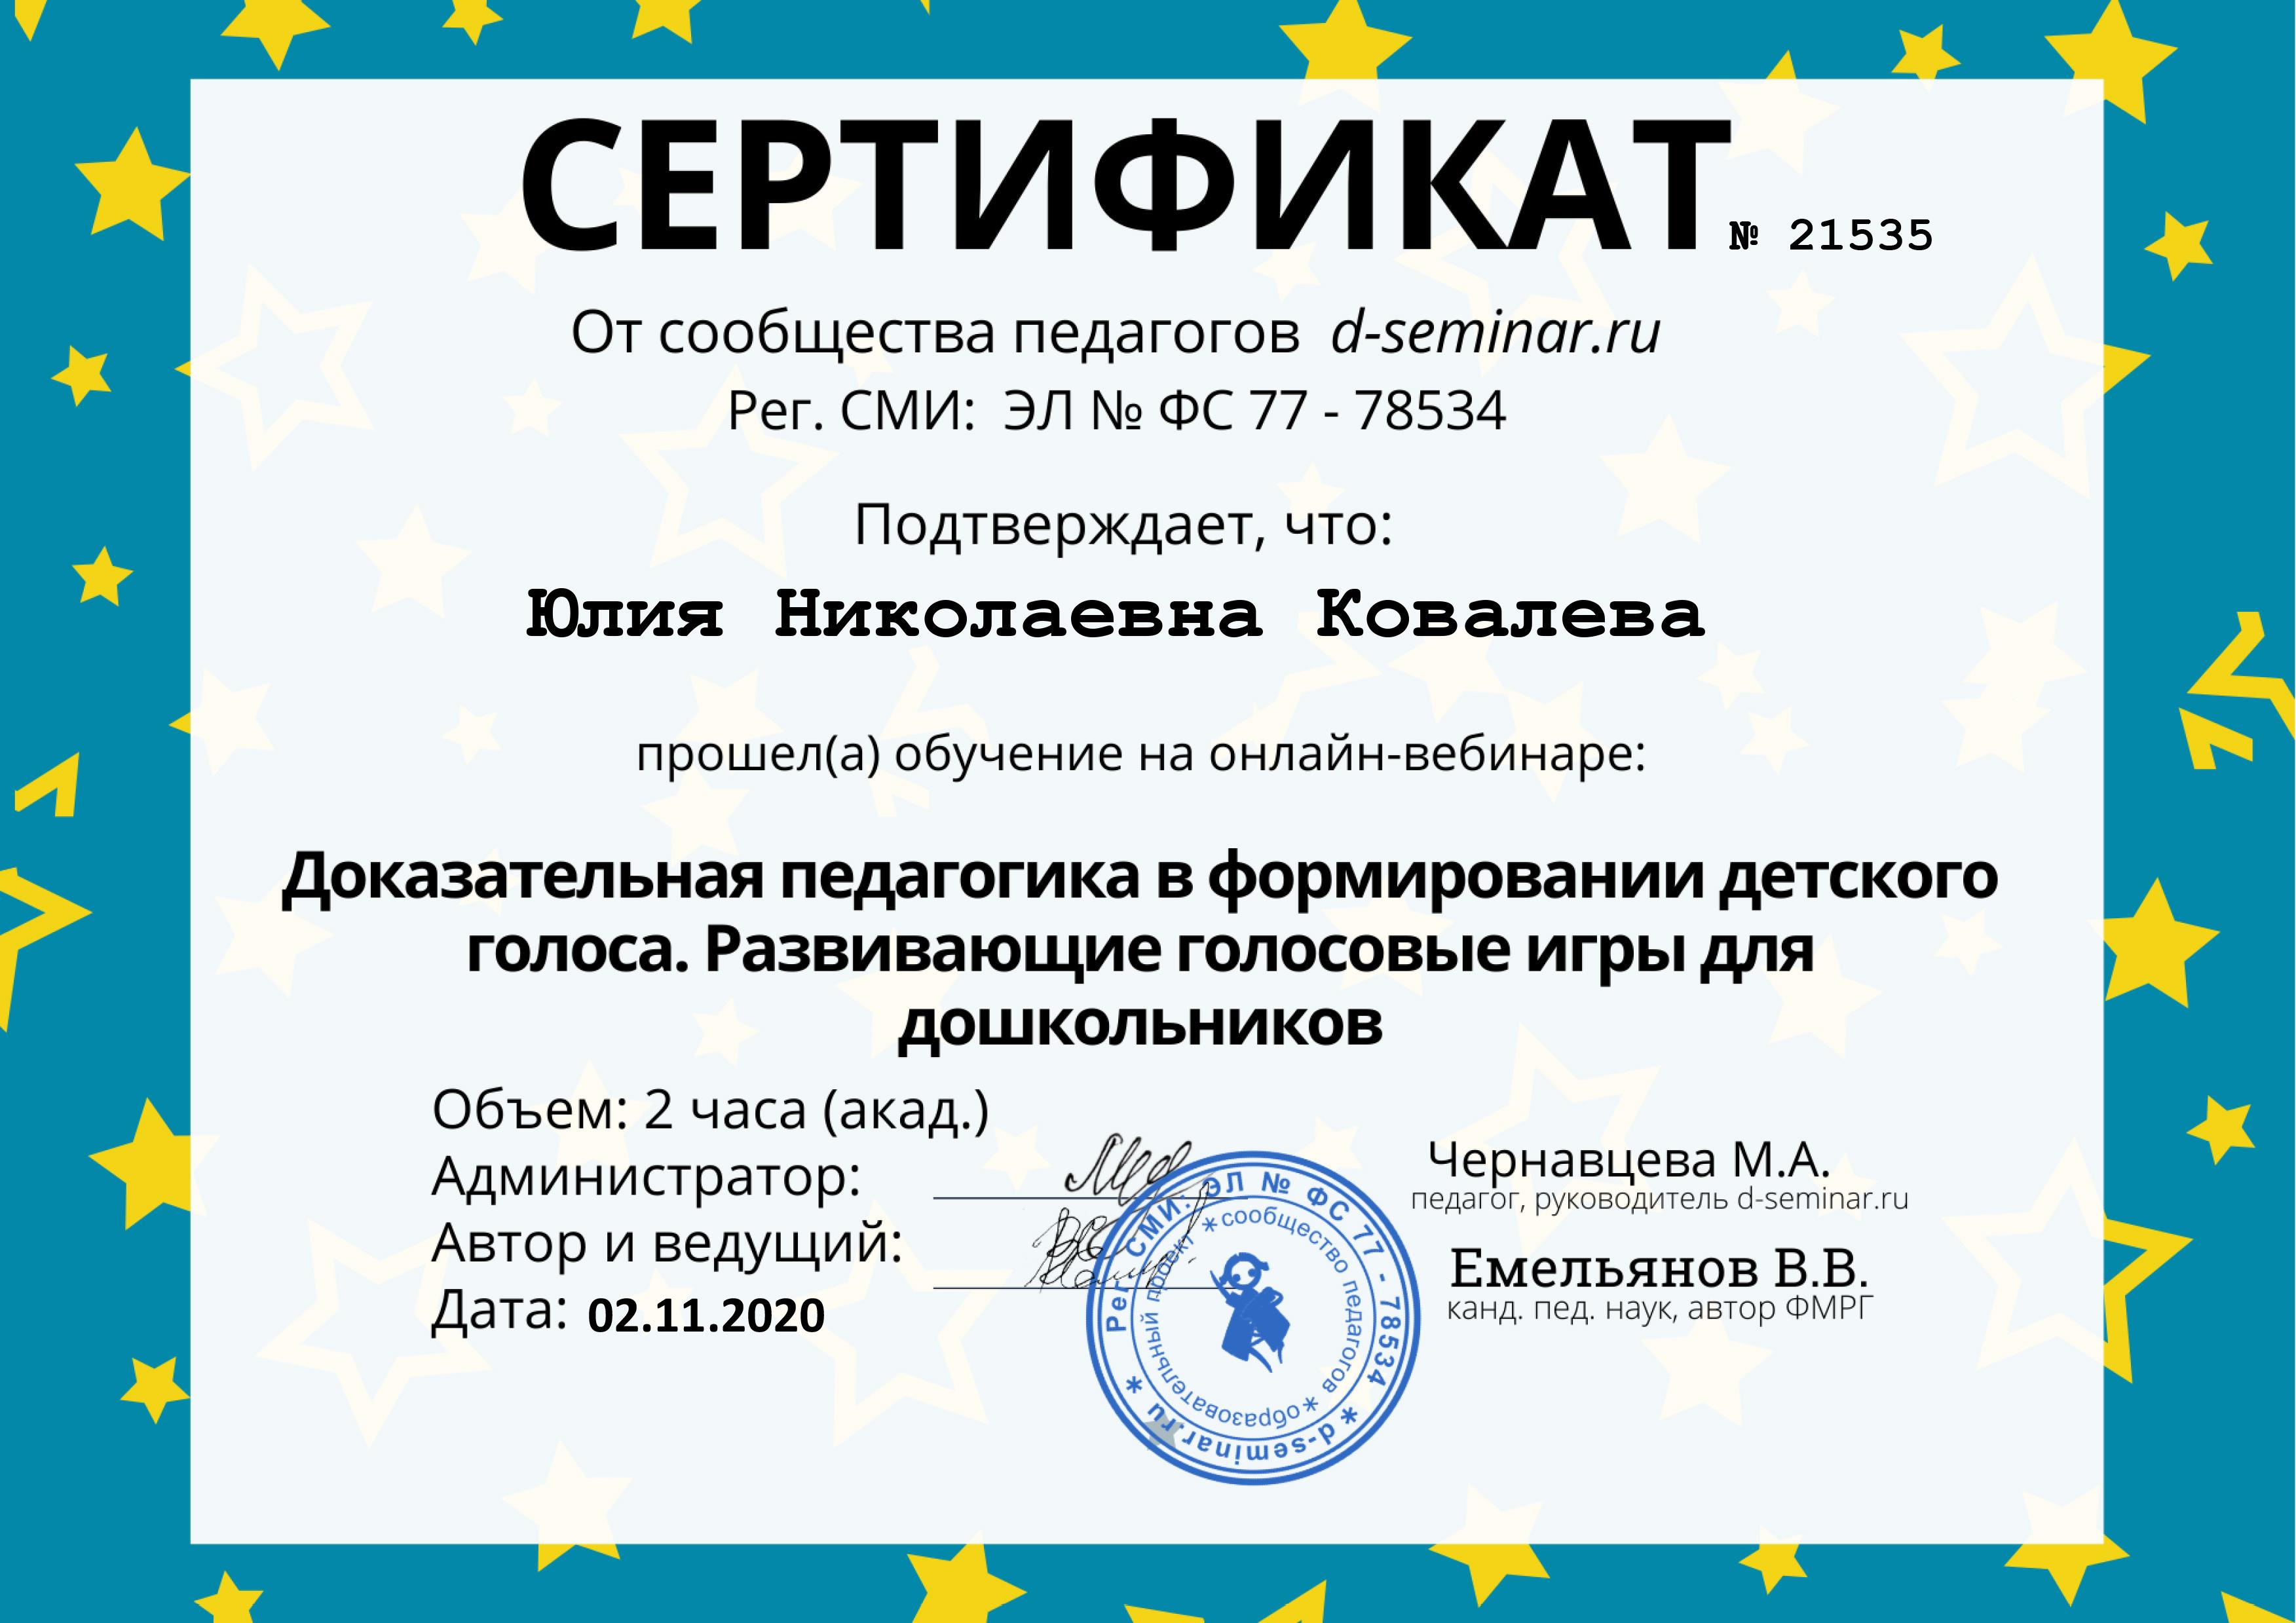 Юлия Николаевна Ковалева - Сертификат с